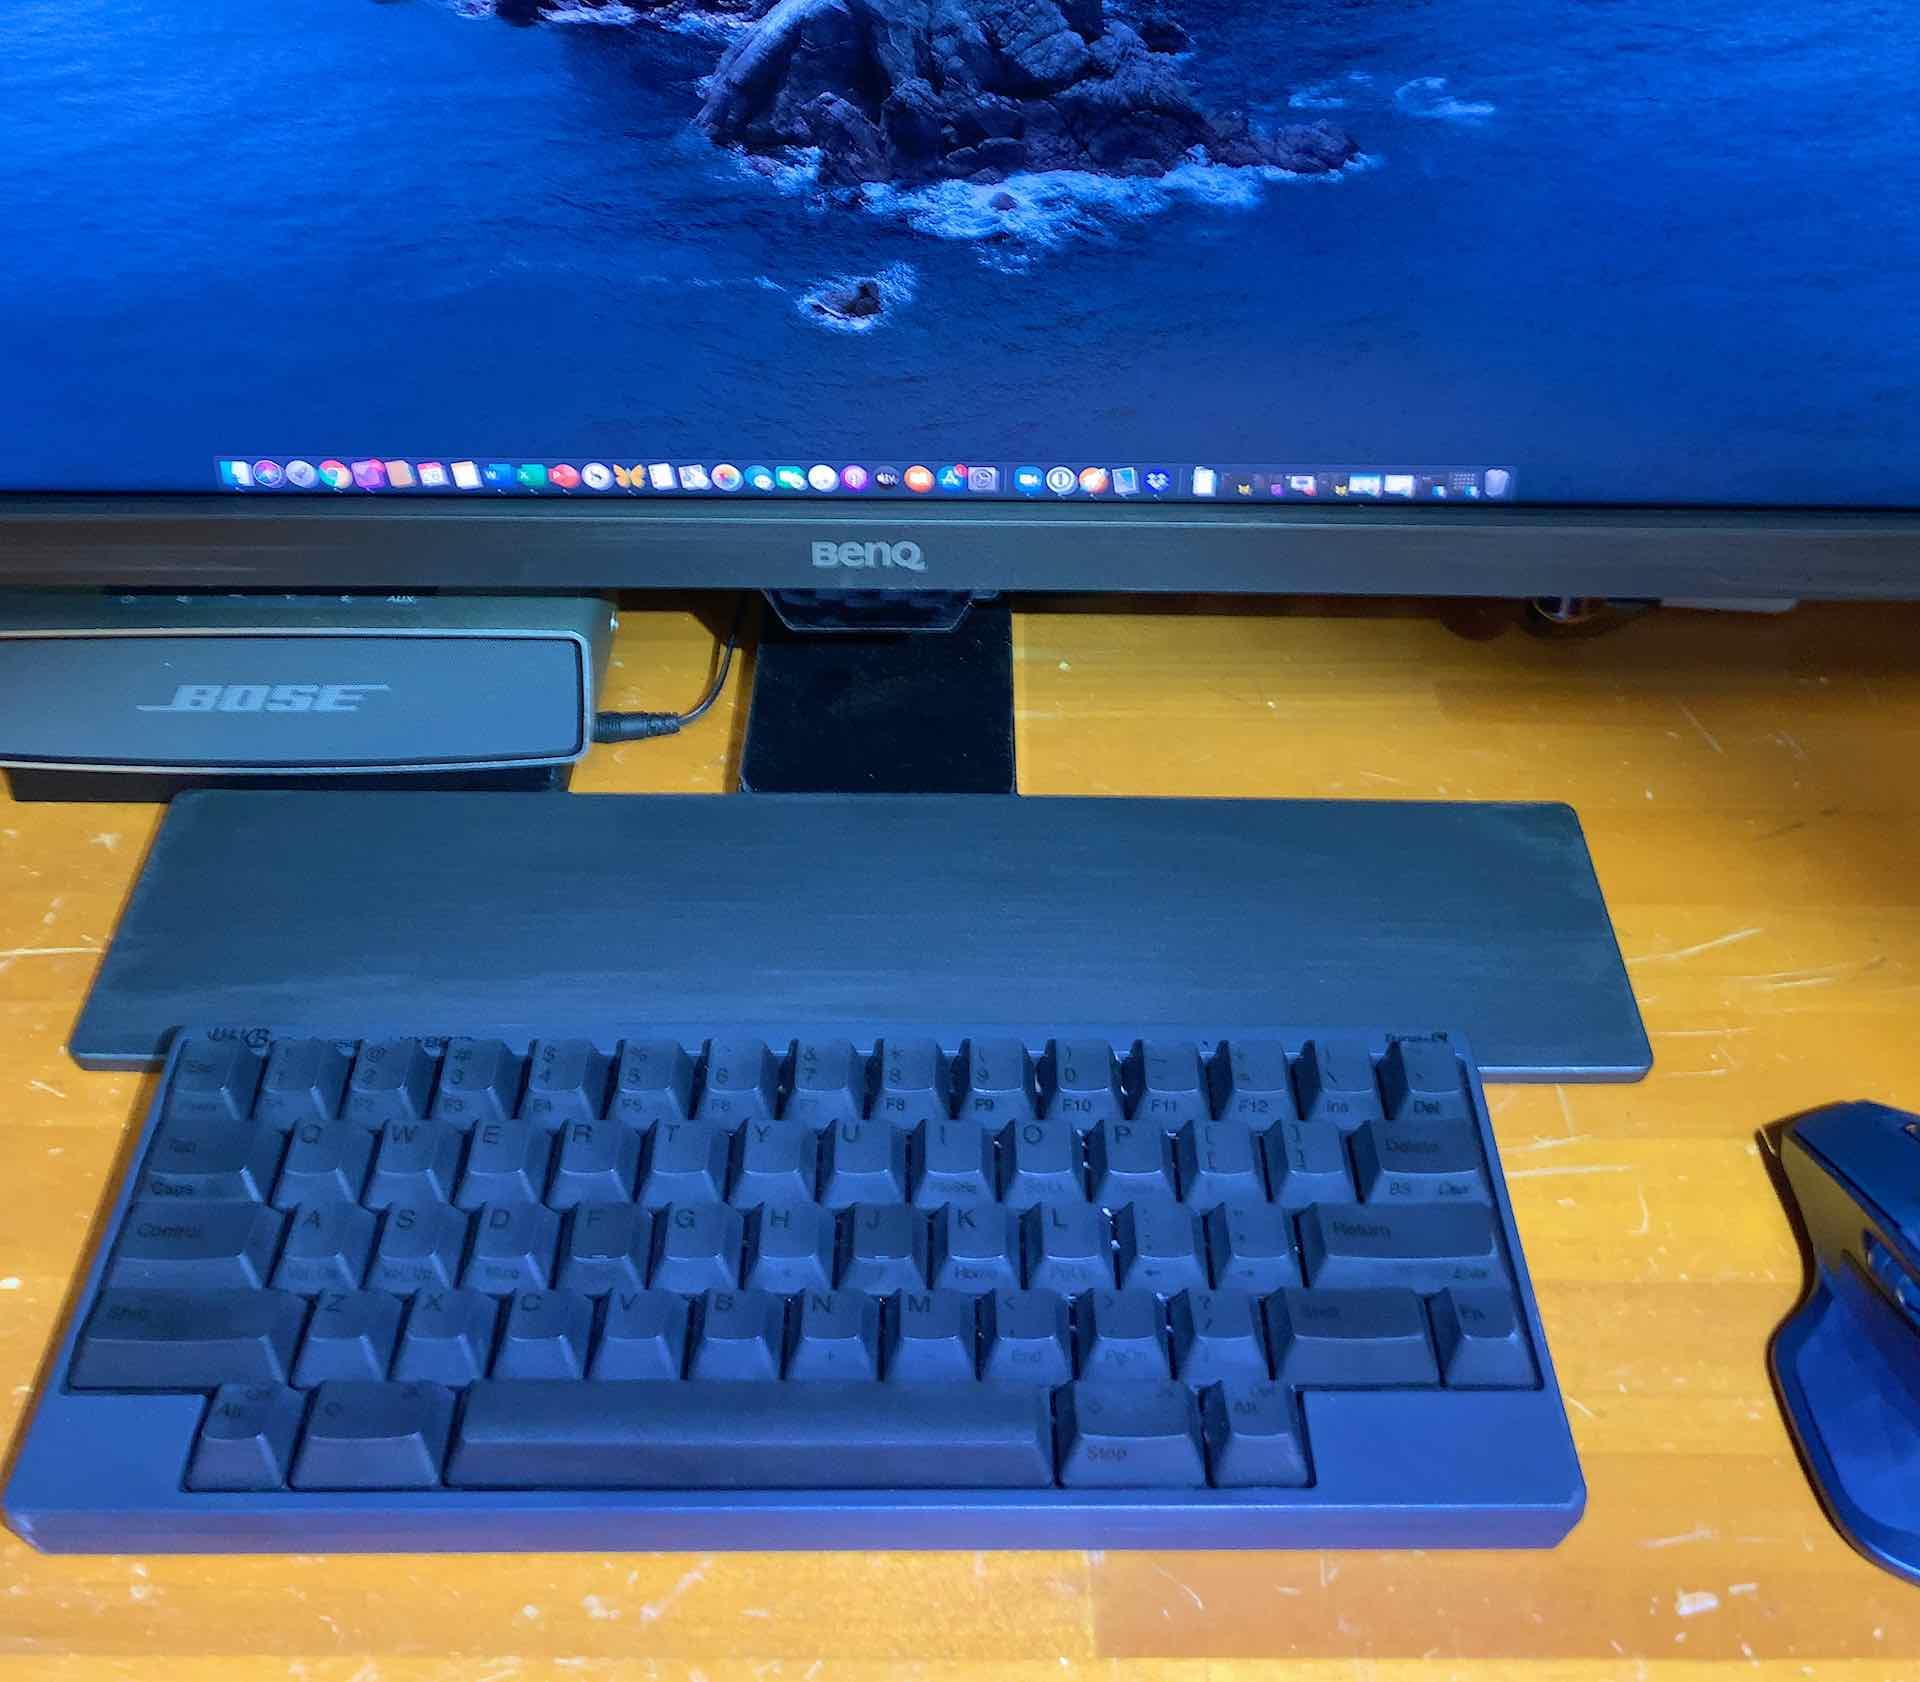 HHKB on desk